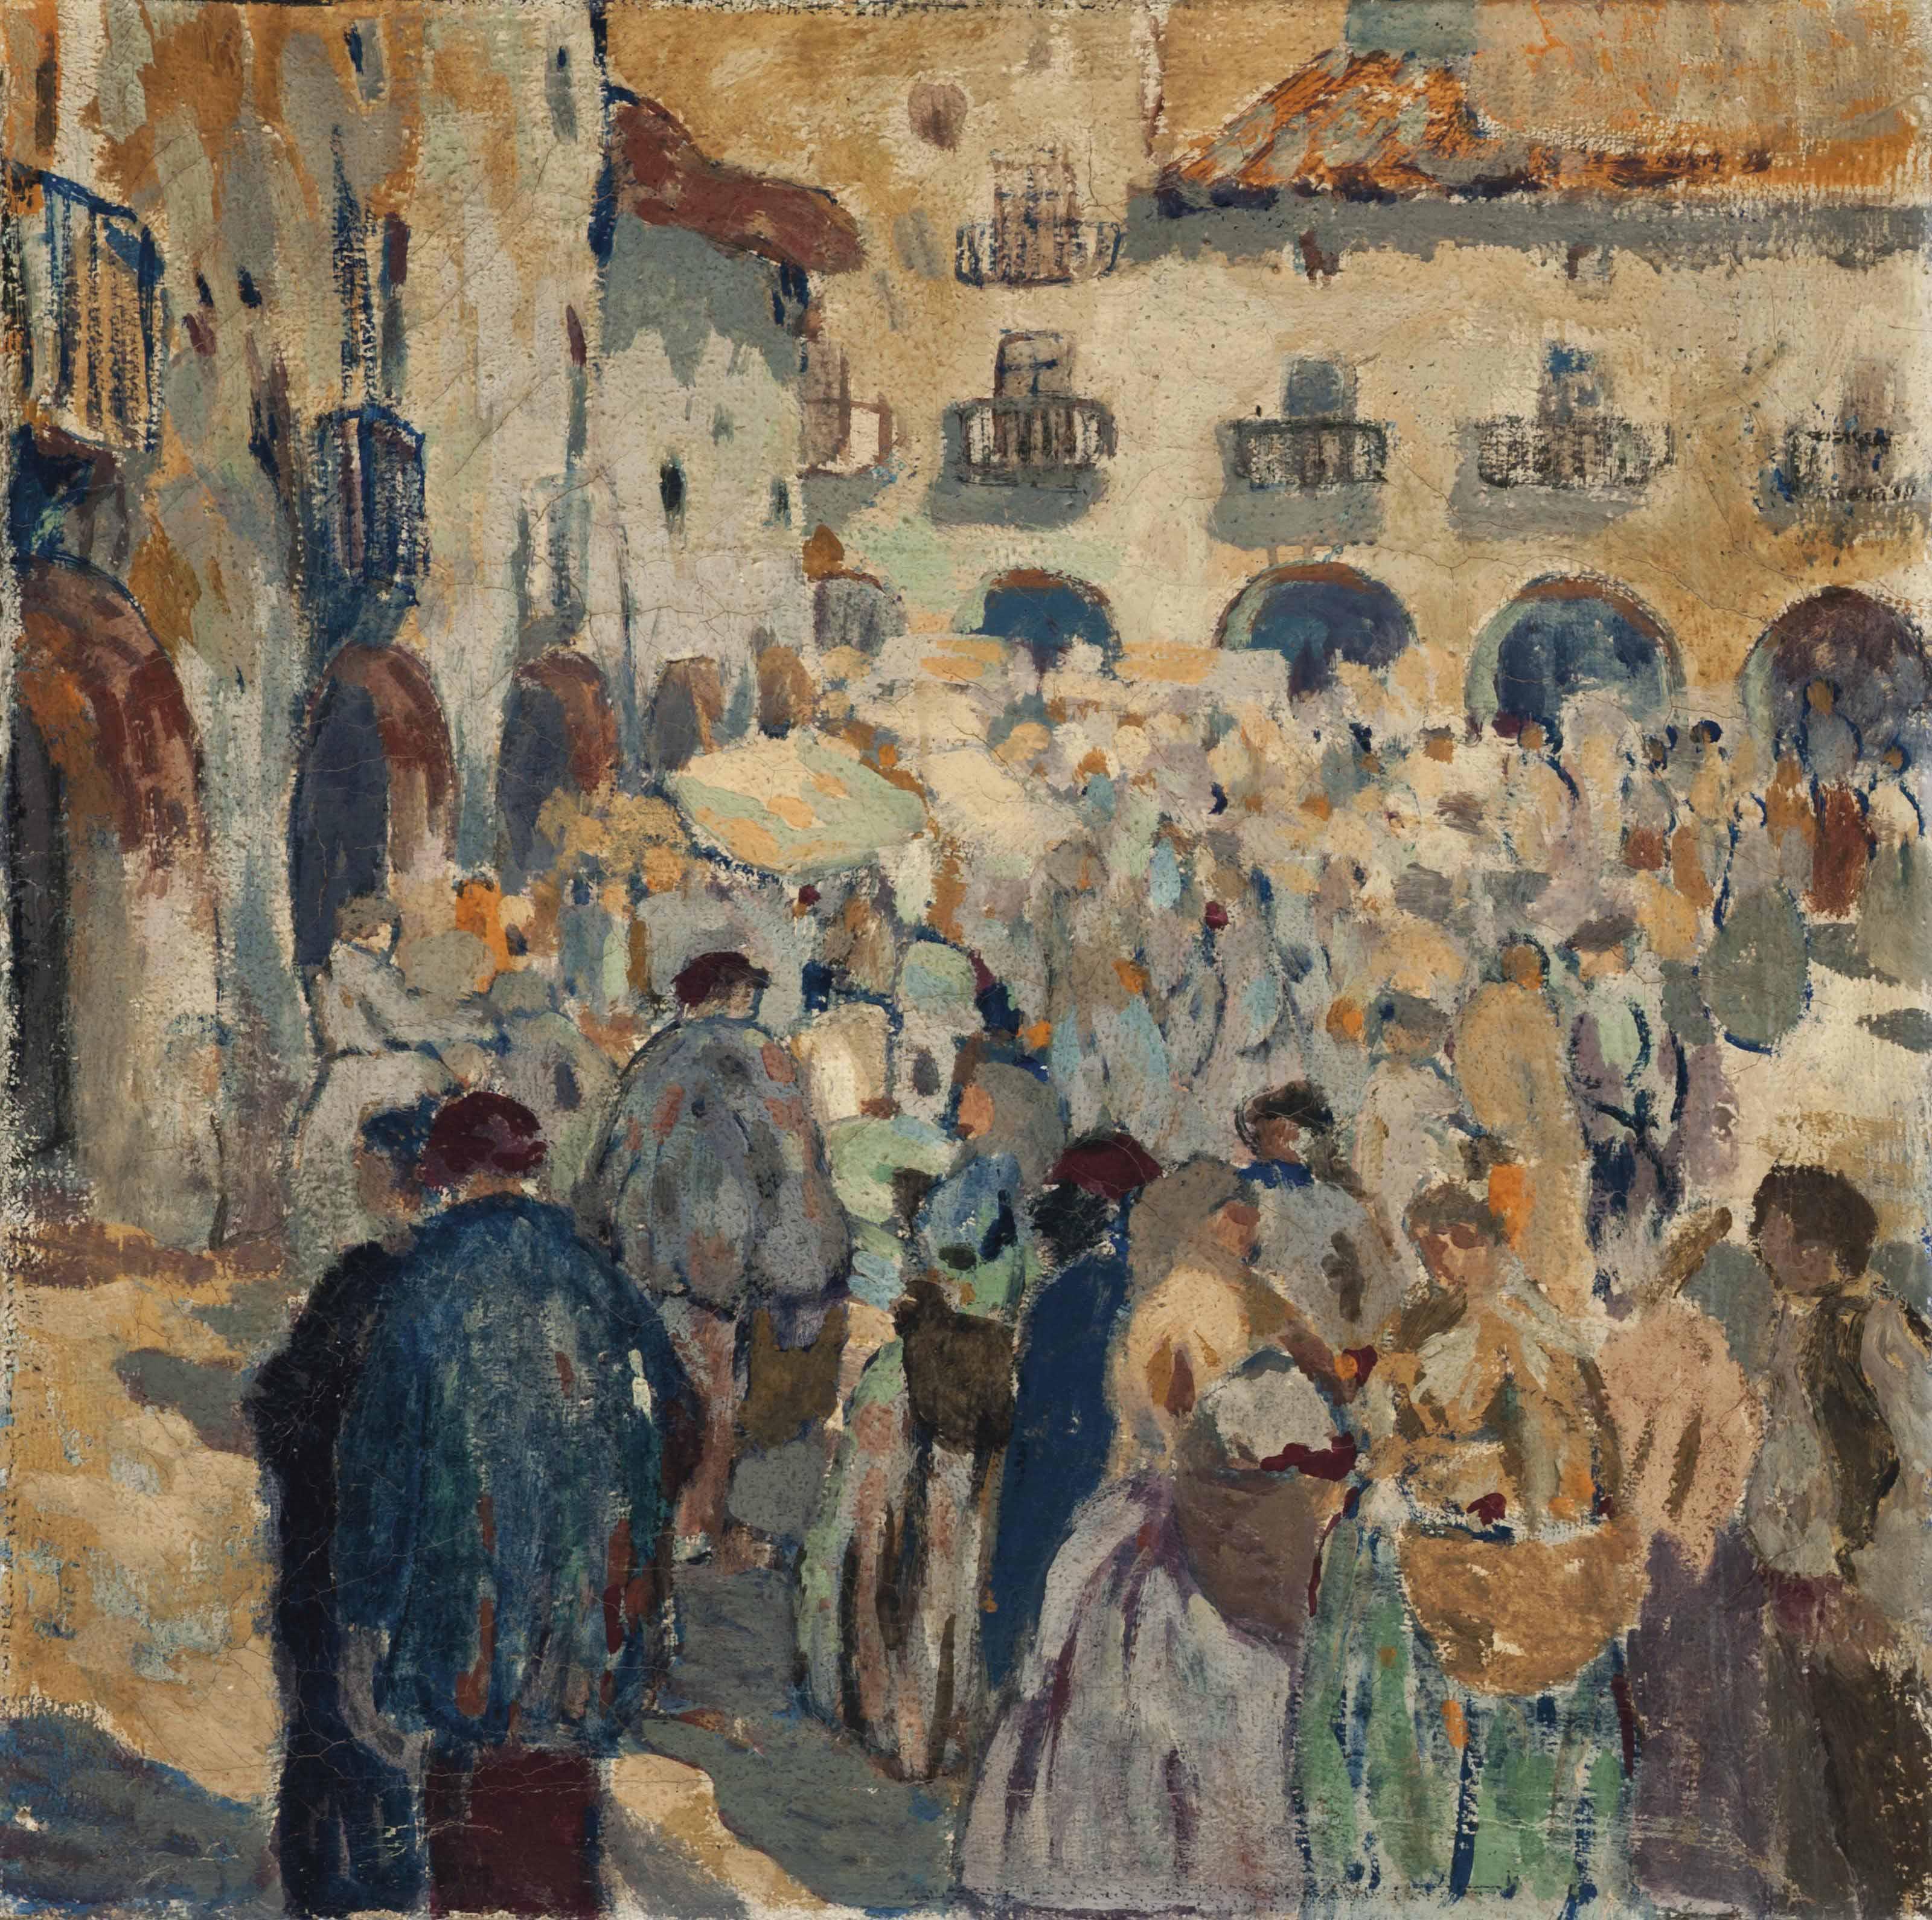 Marie-Mela Muter (1886-1967)